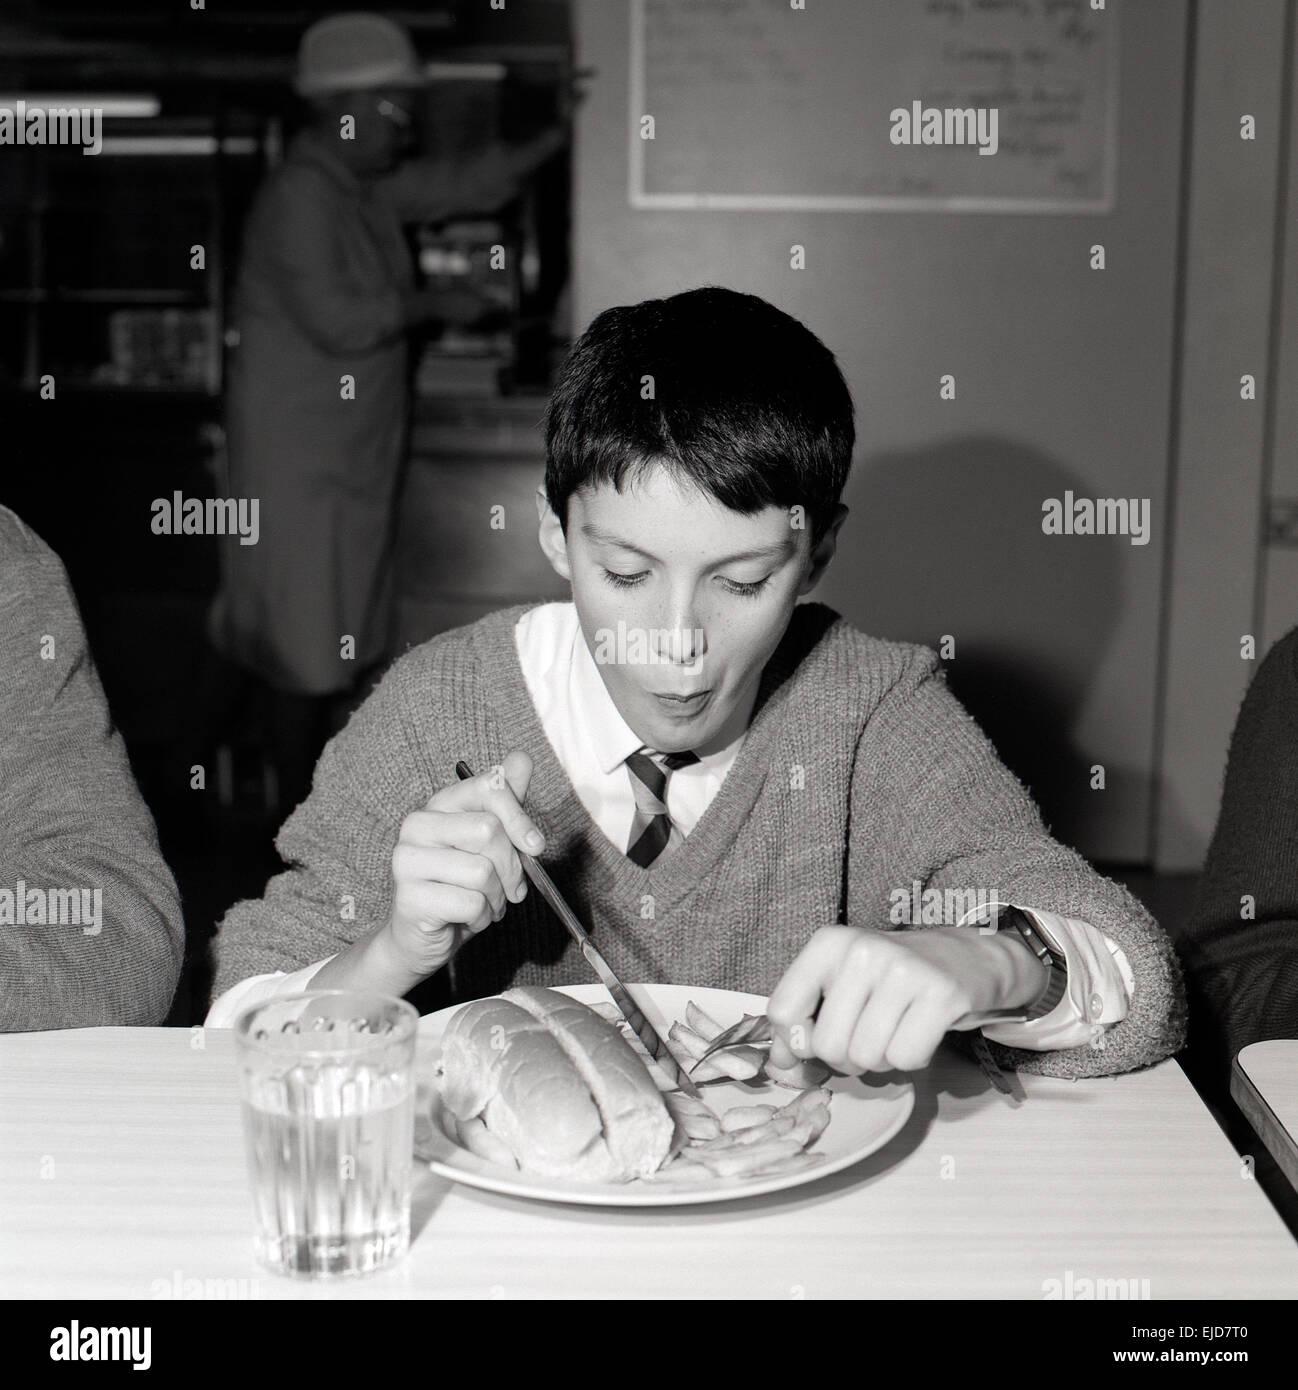 Eine schwarze und weiße 90er Jahre Archivierung Bild eines Jungen das Tragen einer Schuluniform sitzen an einem Stockbild